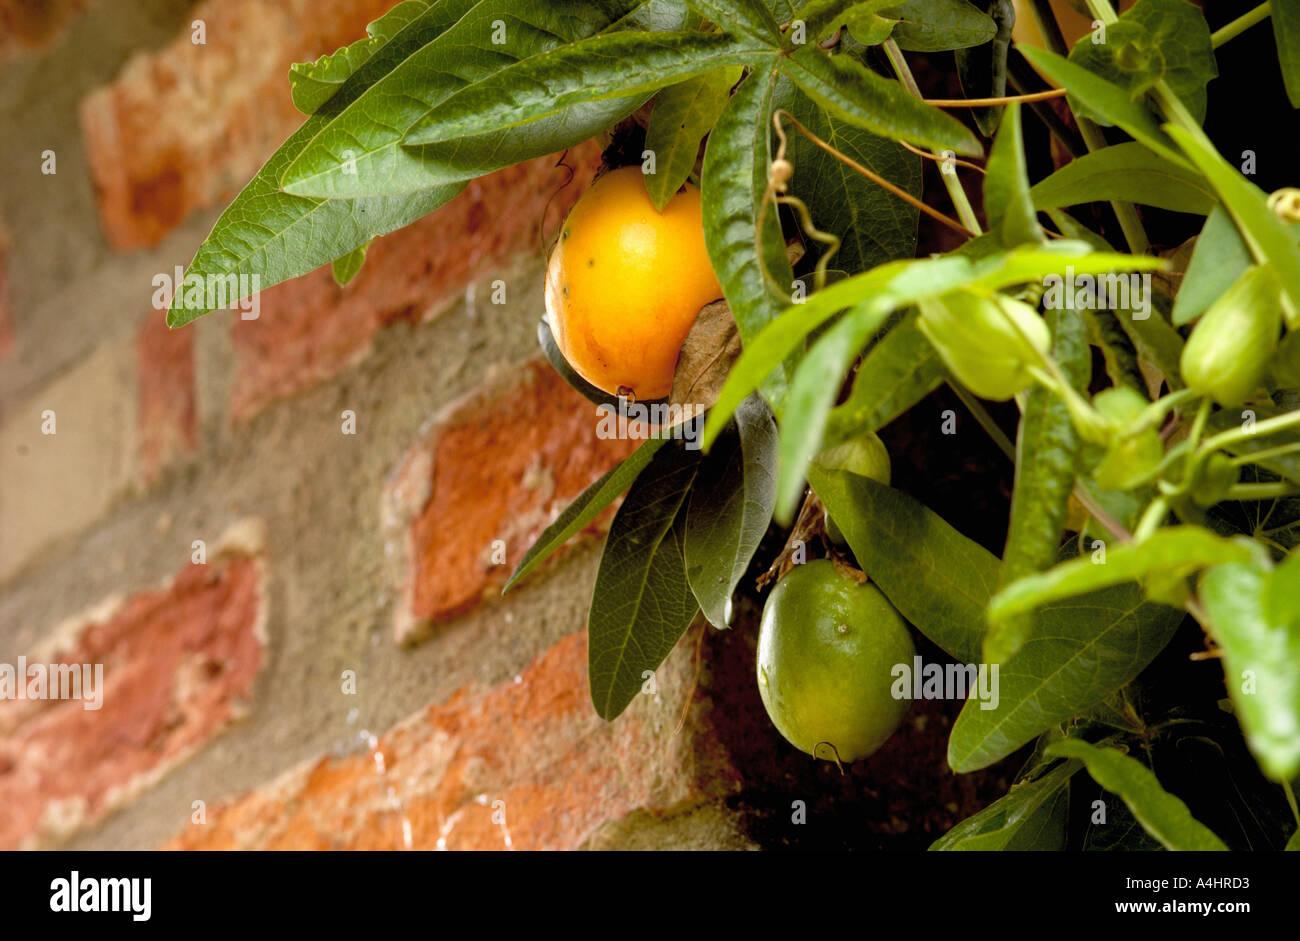 Passionsfrucht Maracuja Wachst Am Baum Mit Ziegel Wand Im